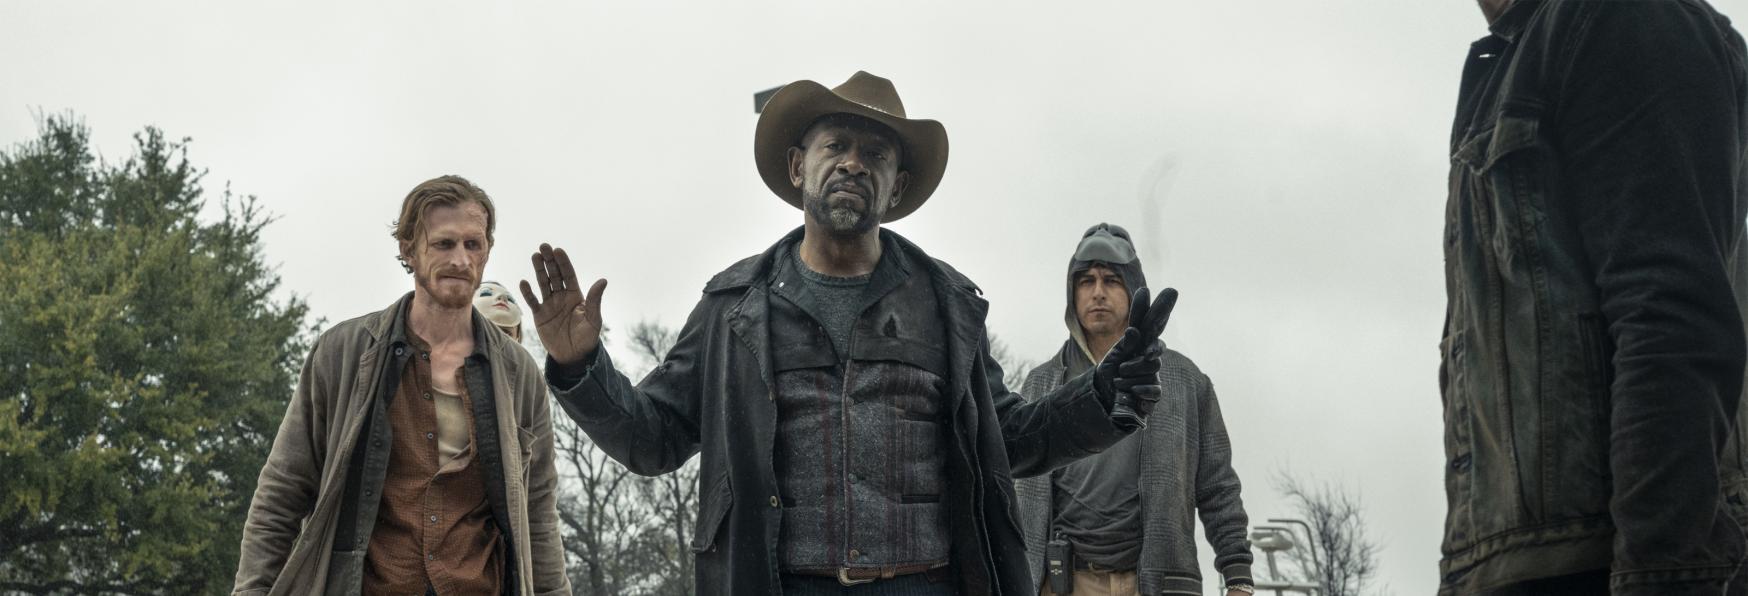 Fear the Walking Dead 7: Pubblicato il Teaser Trailer della nuova Stagione